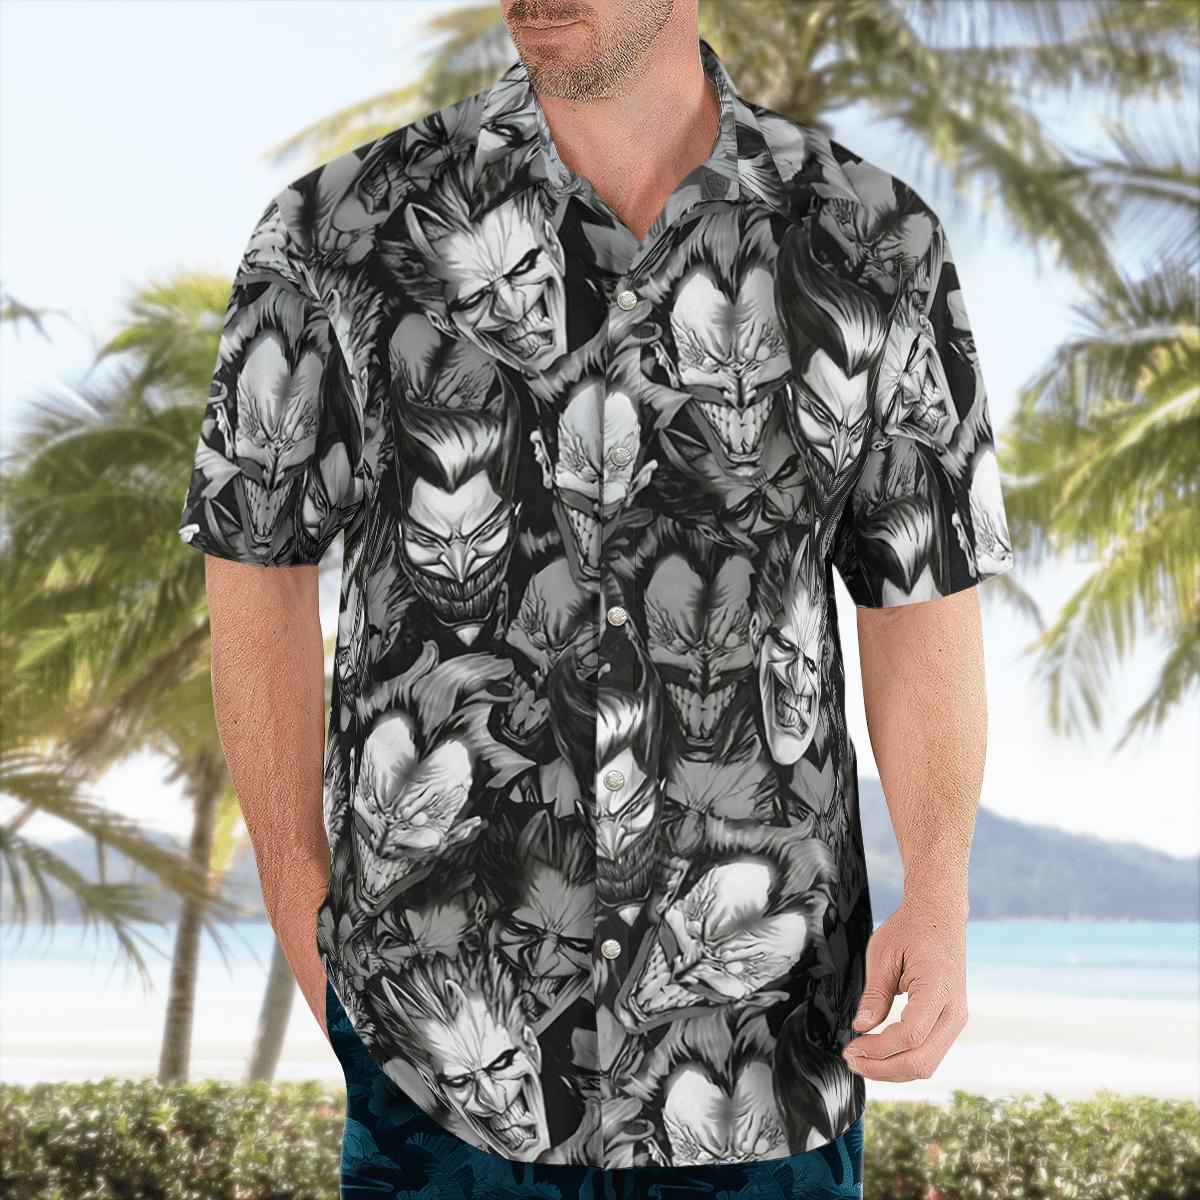 Joker faces Hawaiian Shirt Batman